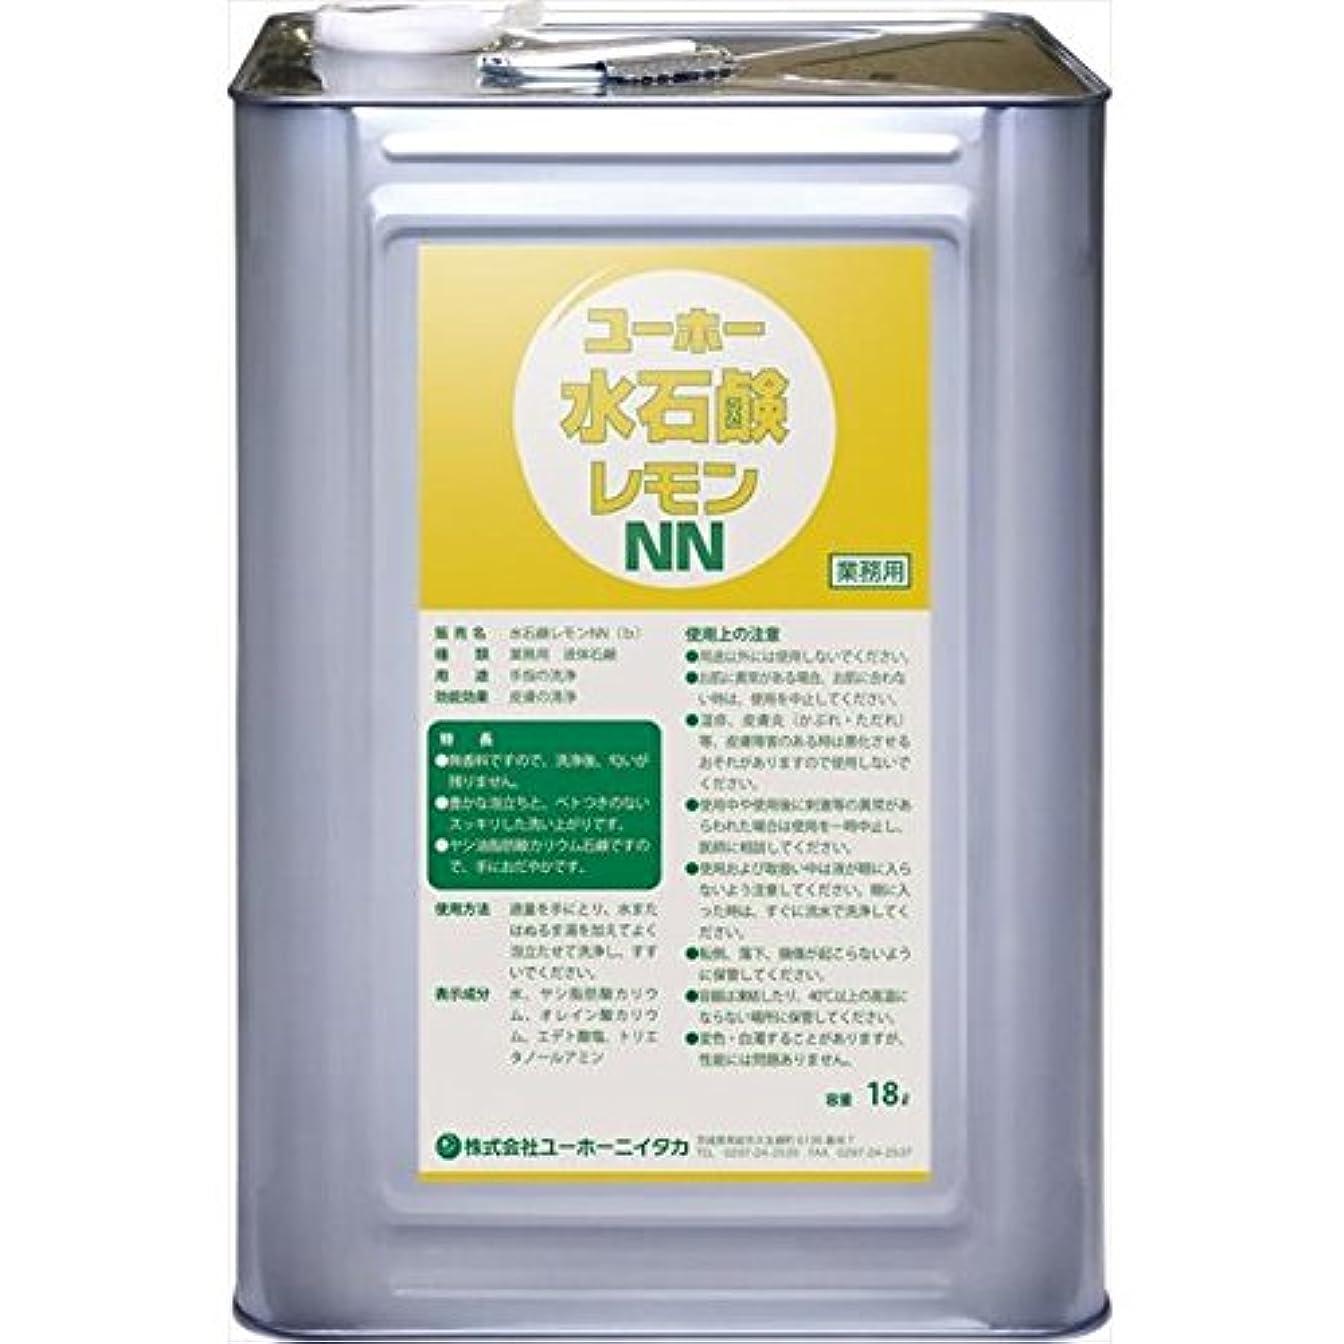 ユーホーニイタカ:水石鹸レモンNN 18L 181031